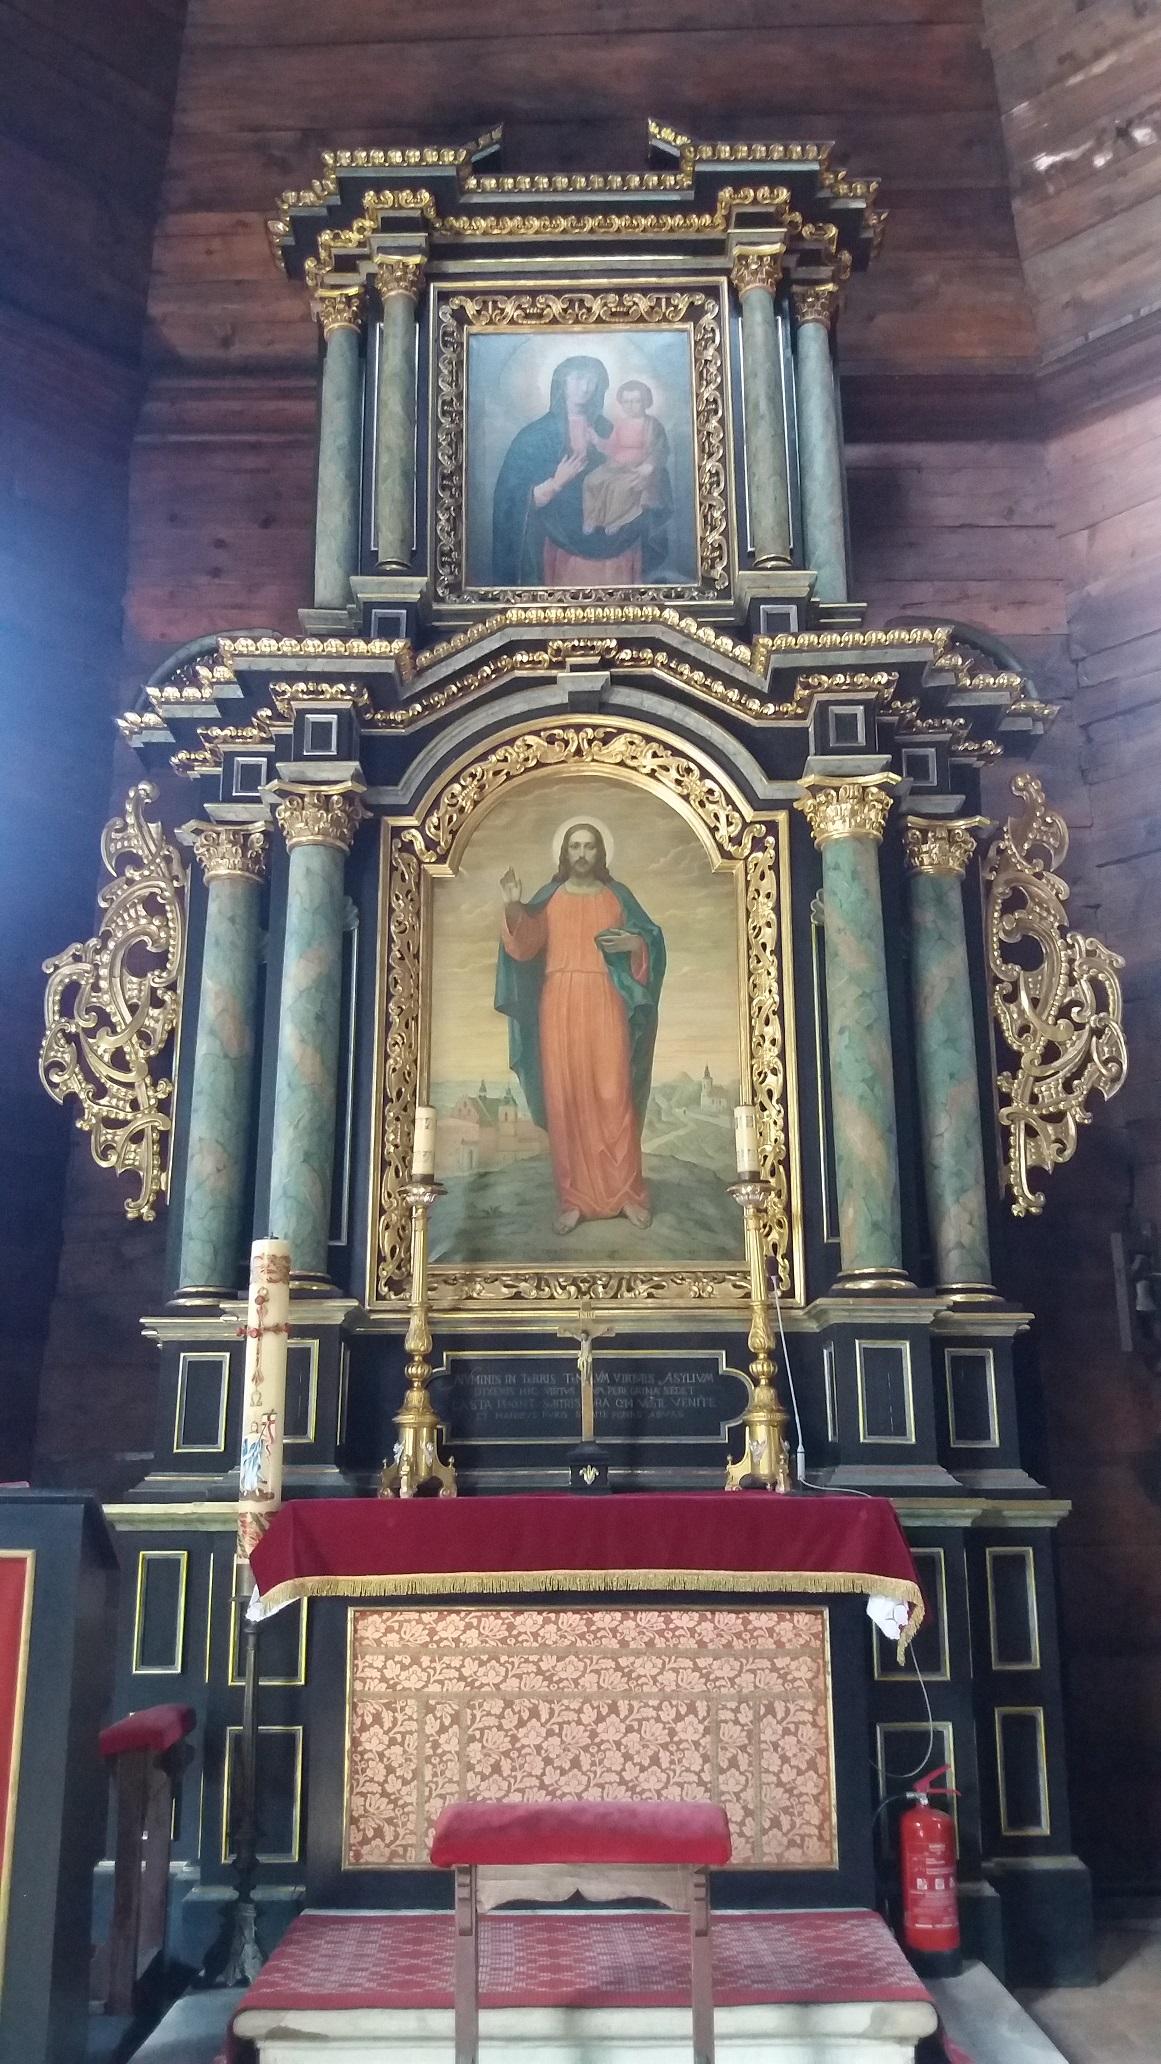 zwiedzanie kaplicy św. Małgorzaty